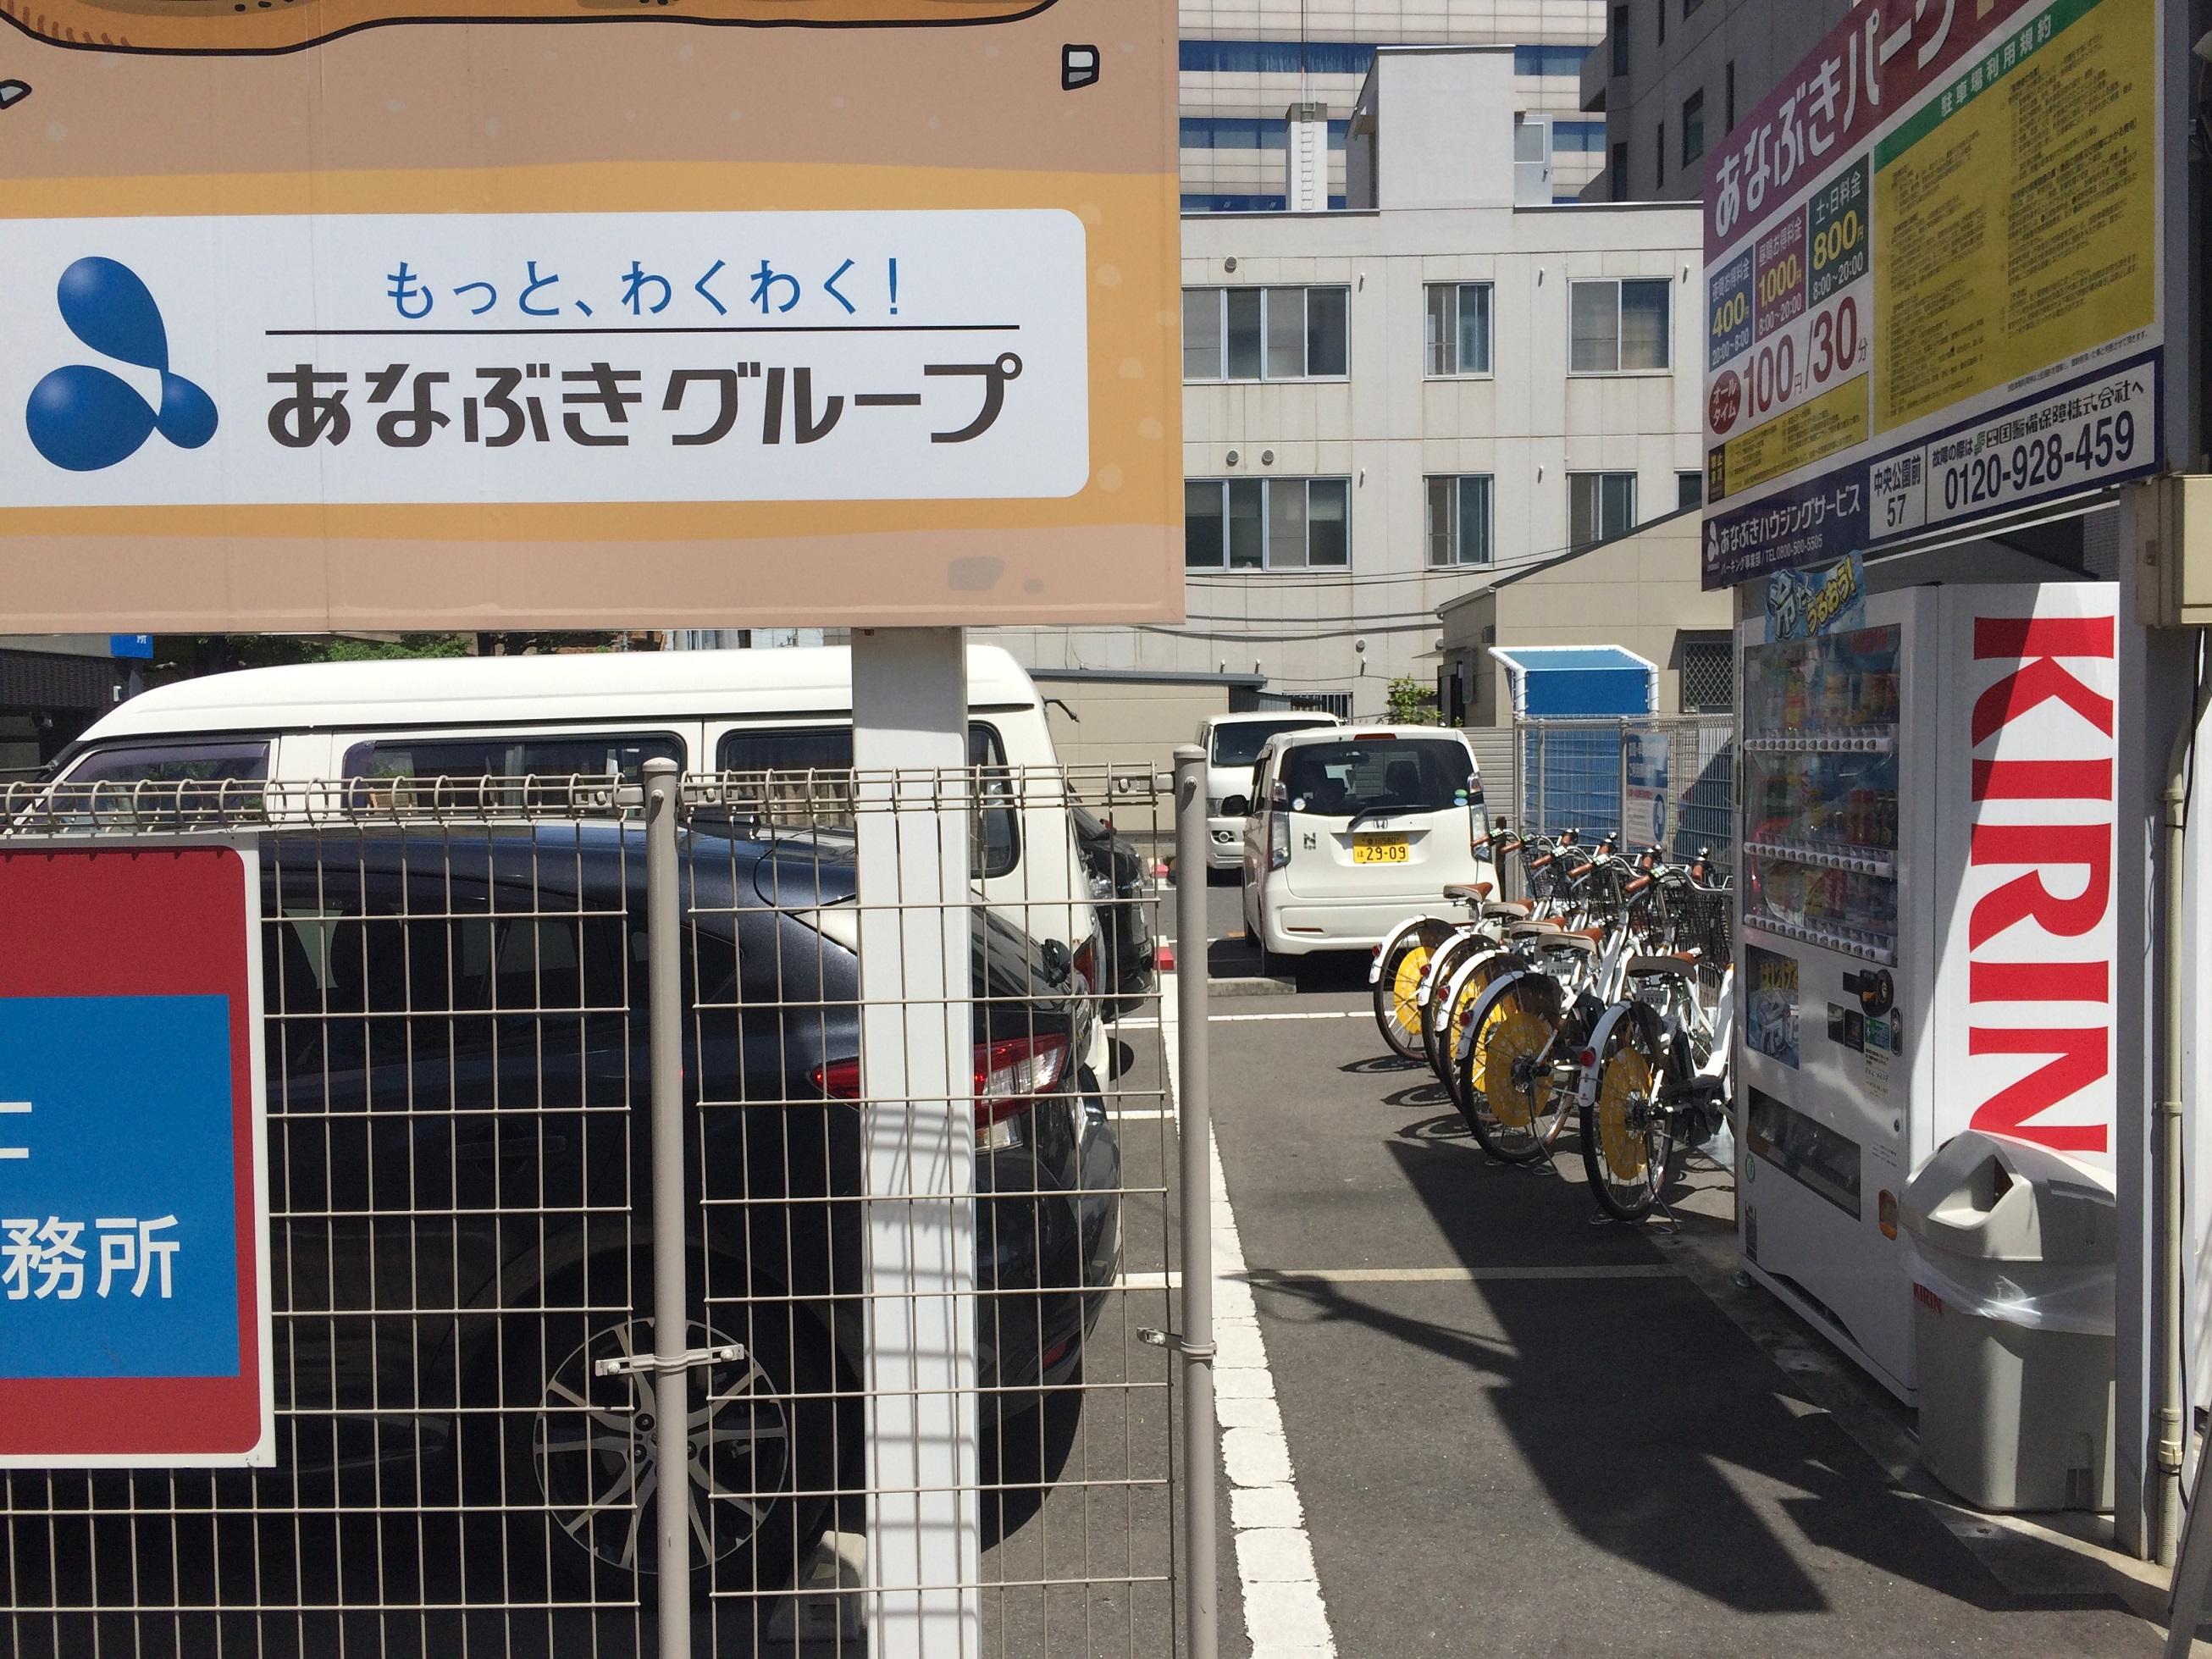 高松市役所東側(あなぶき中央公園前パーキング) (HELLO CYCLING ポート) image